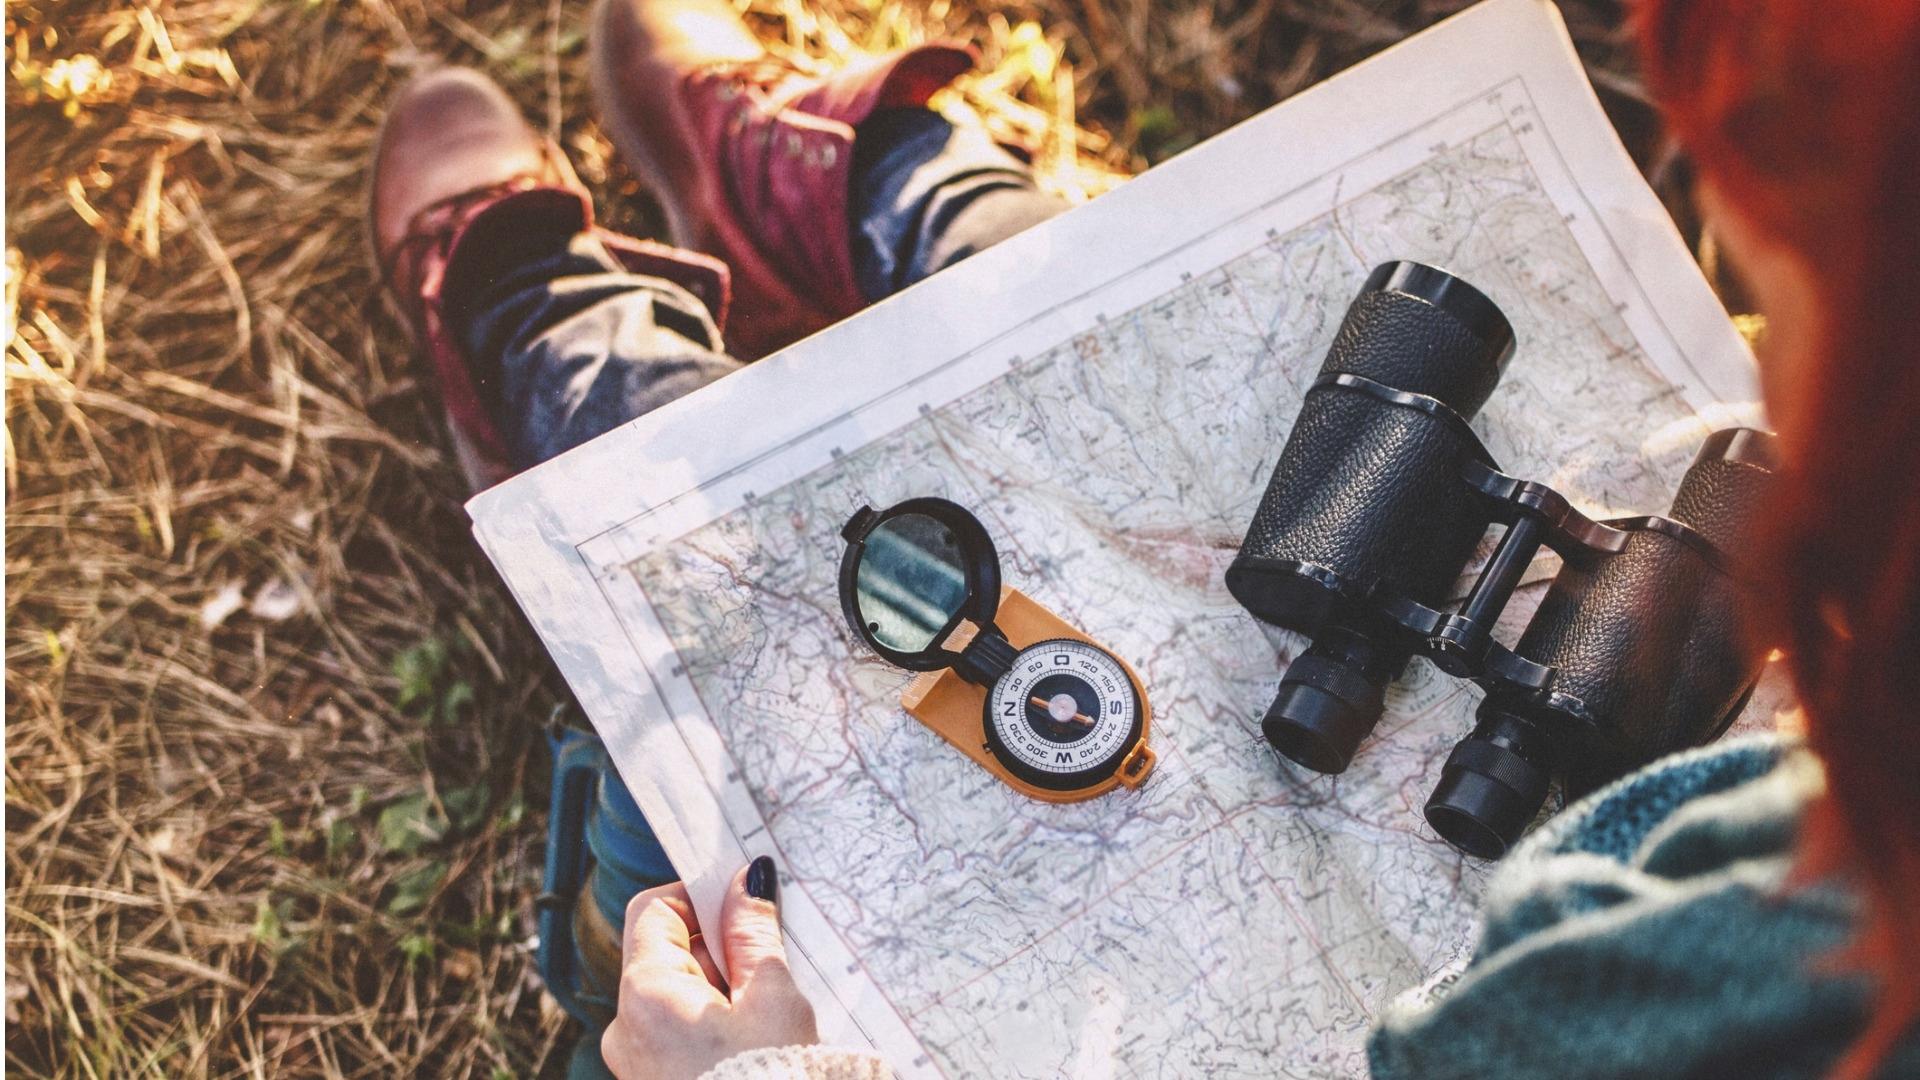 Kompassin käyttö, kartan suuntaaminen ja maaston lukeminen ovat suunnistamisen perustaitoja, jotka on hyvä osata, jos liikkuu paljon luonnossa.